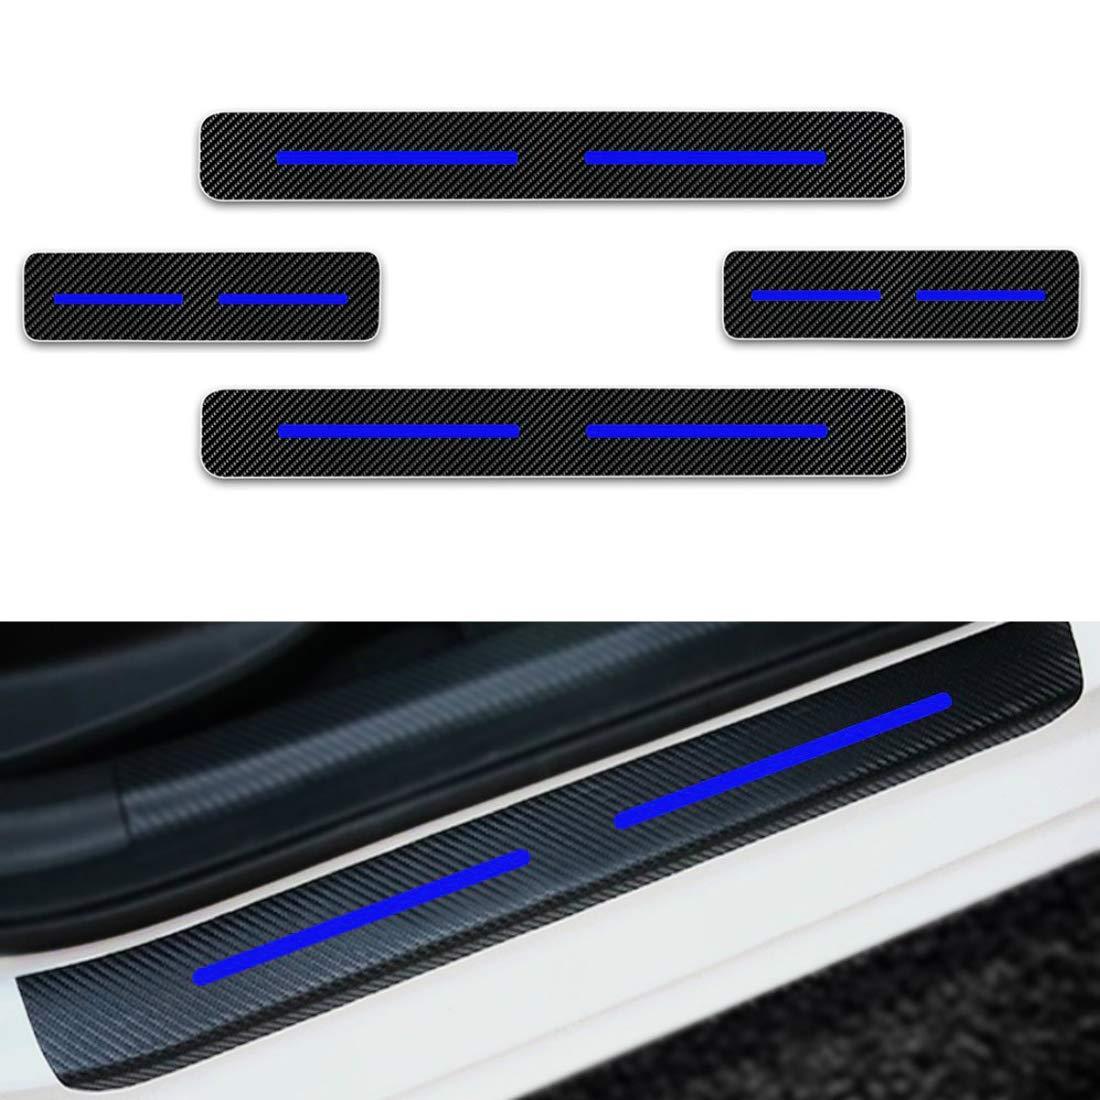 F/ür 206 207 208 307 308 Einstiegsleisten Schutz Aufkleber,Verschlei/ß vermeiden Verhindern Sie Kratzer Rutschfest Kohlefaser 4St/ück Blau